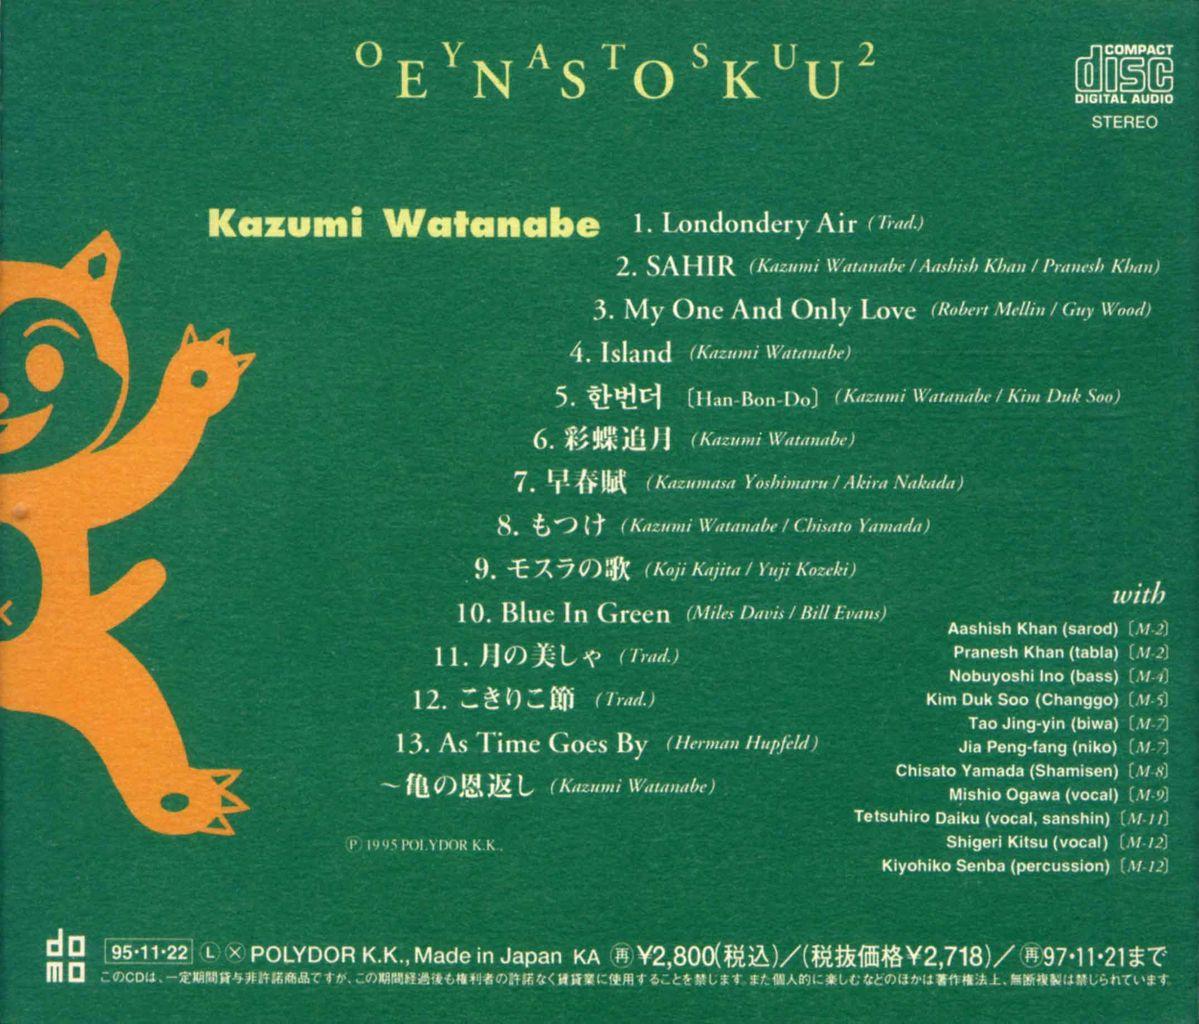 OYATSU 2 ENSOKU-2